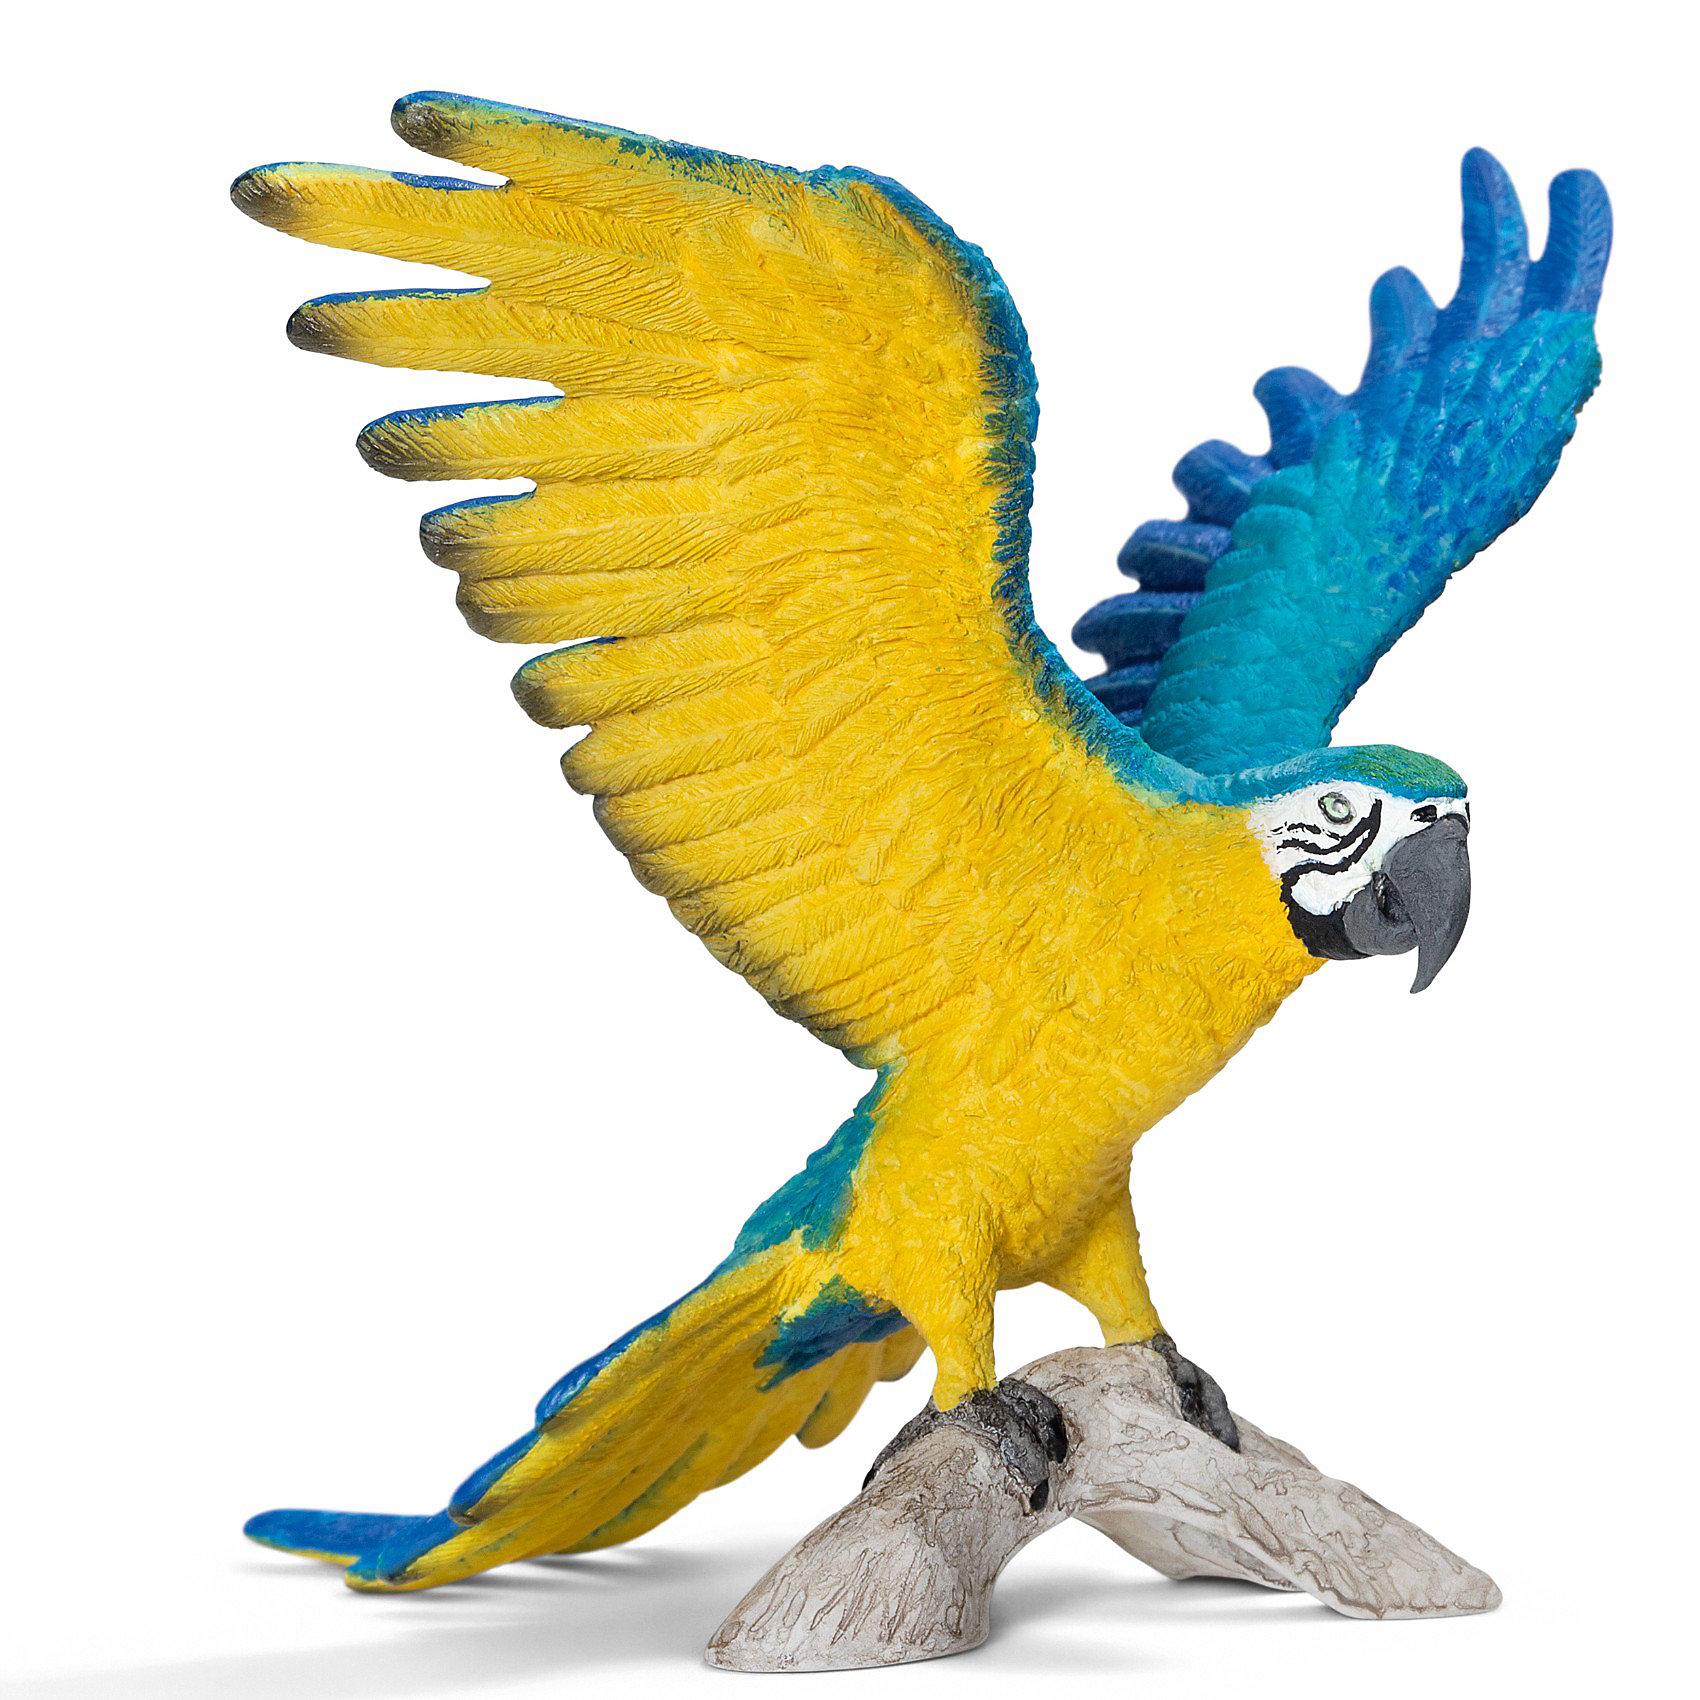 Сине-Желтый Ара. Серия Дикие животныеФигурка Сине-желтый ара Schleich.<br><br>Этот попугай с ярким оперением родом из Южной Америки. Сине-желтый ара – очень романтичная птица, самец и самка никогда не расстаются.<br><br>Попугай сине-желтый ара может достигать до 90 см в высоту, обитает эта красивая птица в Южной Америке в тропических лесах. <br><br>Фигурка Сине-желтый ара Schleich (Шляйх) из серии Дикие животные выполнена из каучукового пластика, каждая фигурка раскрашивается вручную.<br><br>Дополнительная информация:<br><br>- Размеры (ДхШхВ): около 8 х 8 х 9 см<br><br>Ширина мм: 95<br>Глубина мм: 81<br>Высота мм: 58<br>Вес г: 16<br>Возраст от месяцев: 36<br>Возраст до месяцев: 96<br>Пол: Унисекс<br>Возраст: Детский<br>SKU: 2609266